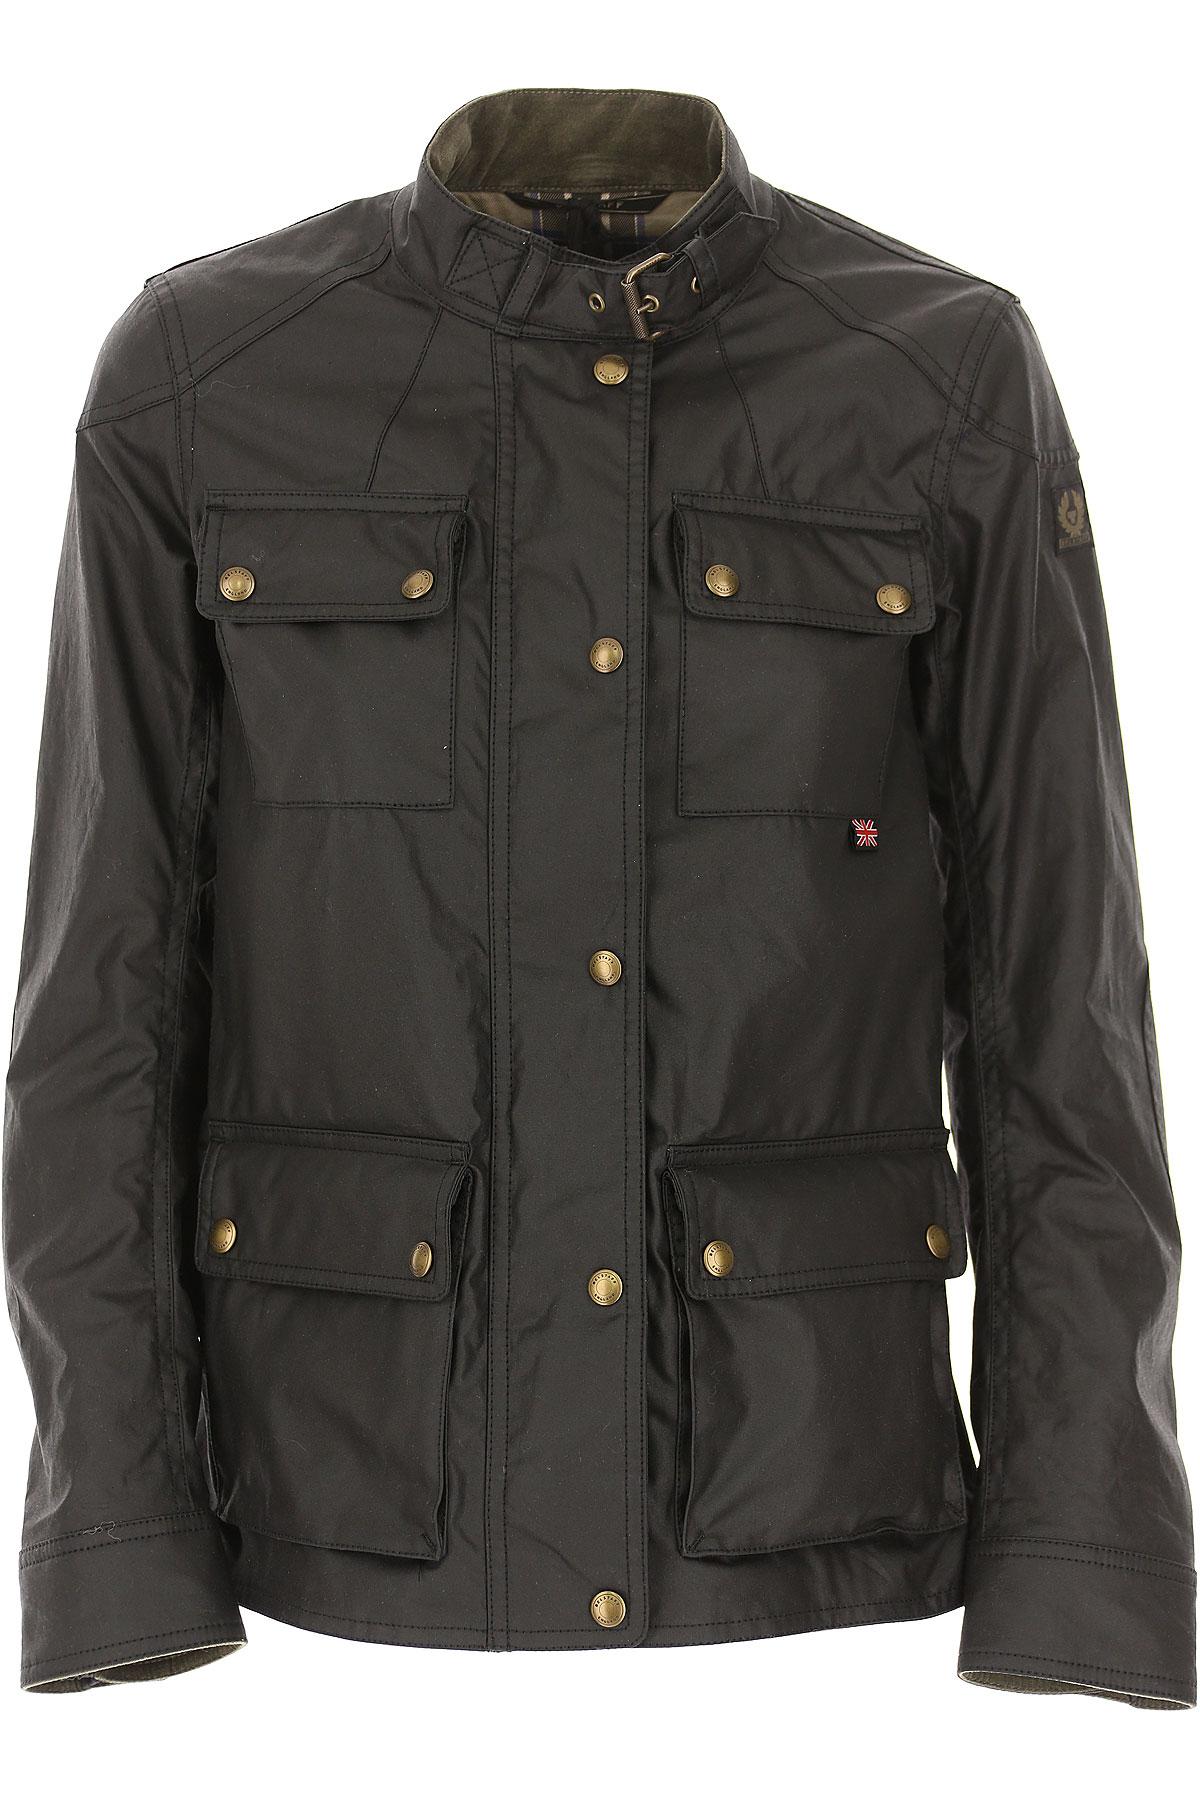 Image of Belstaff Jacket for Women, Black, polyester, 2017, 2 4 6